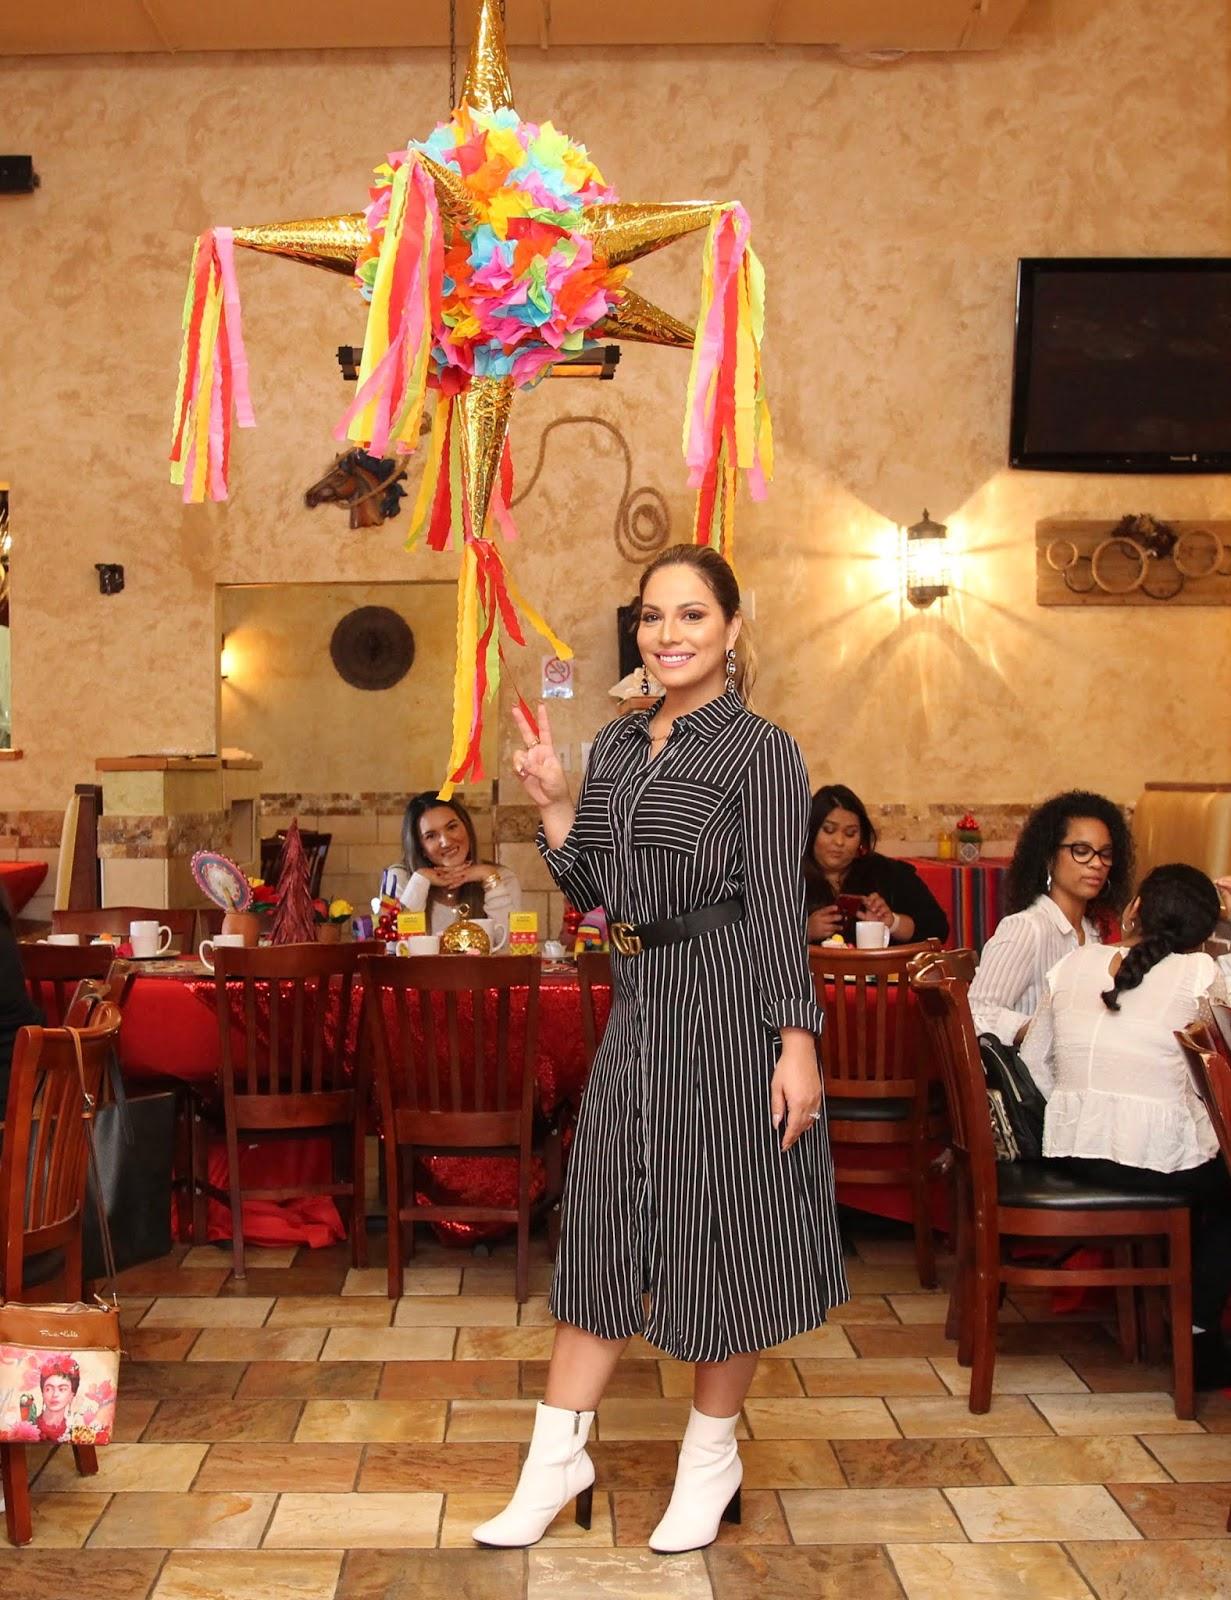 Cucos, Cafecito & Charity